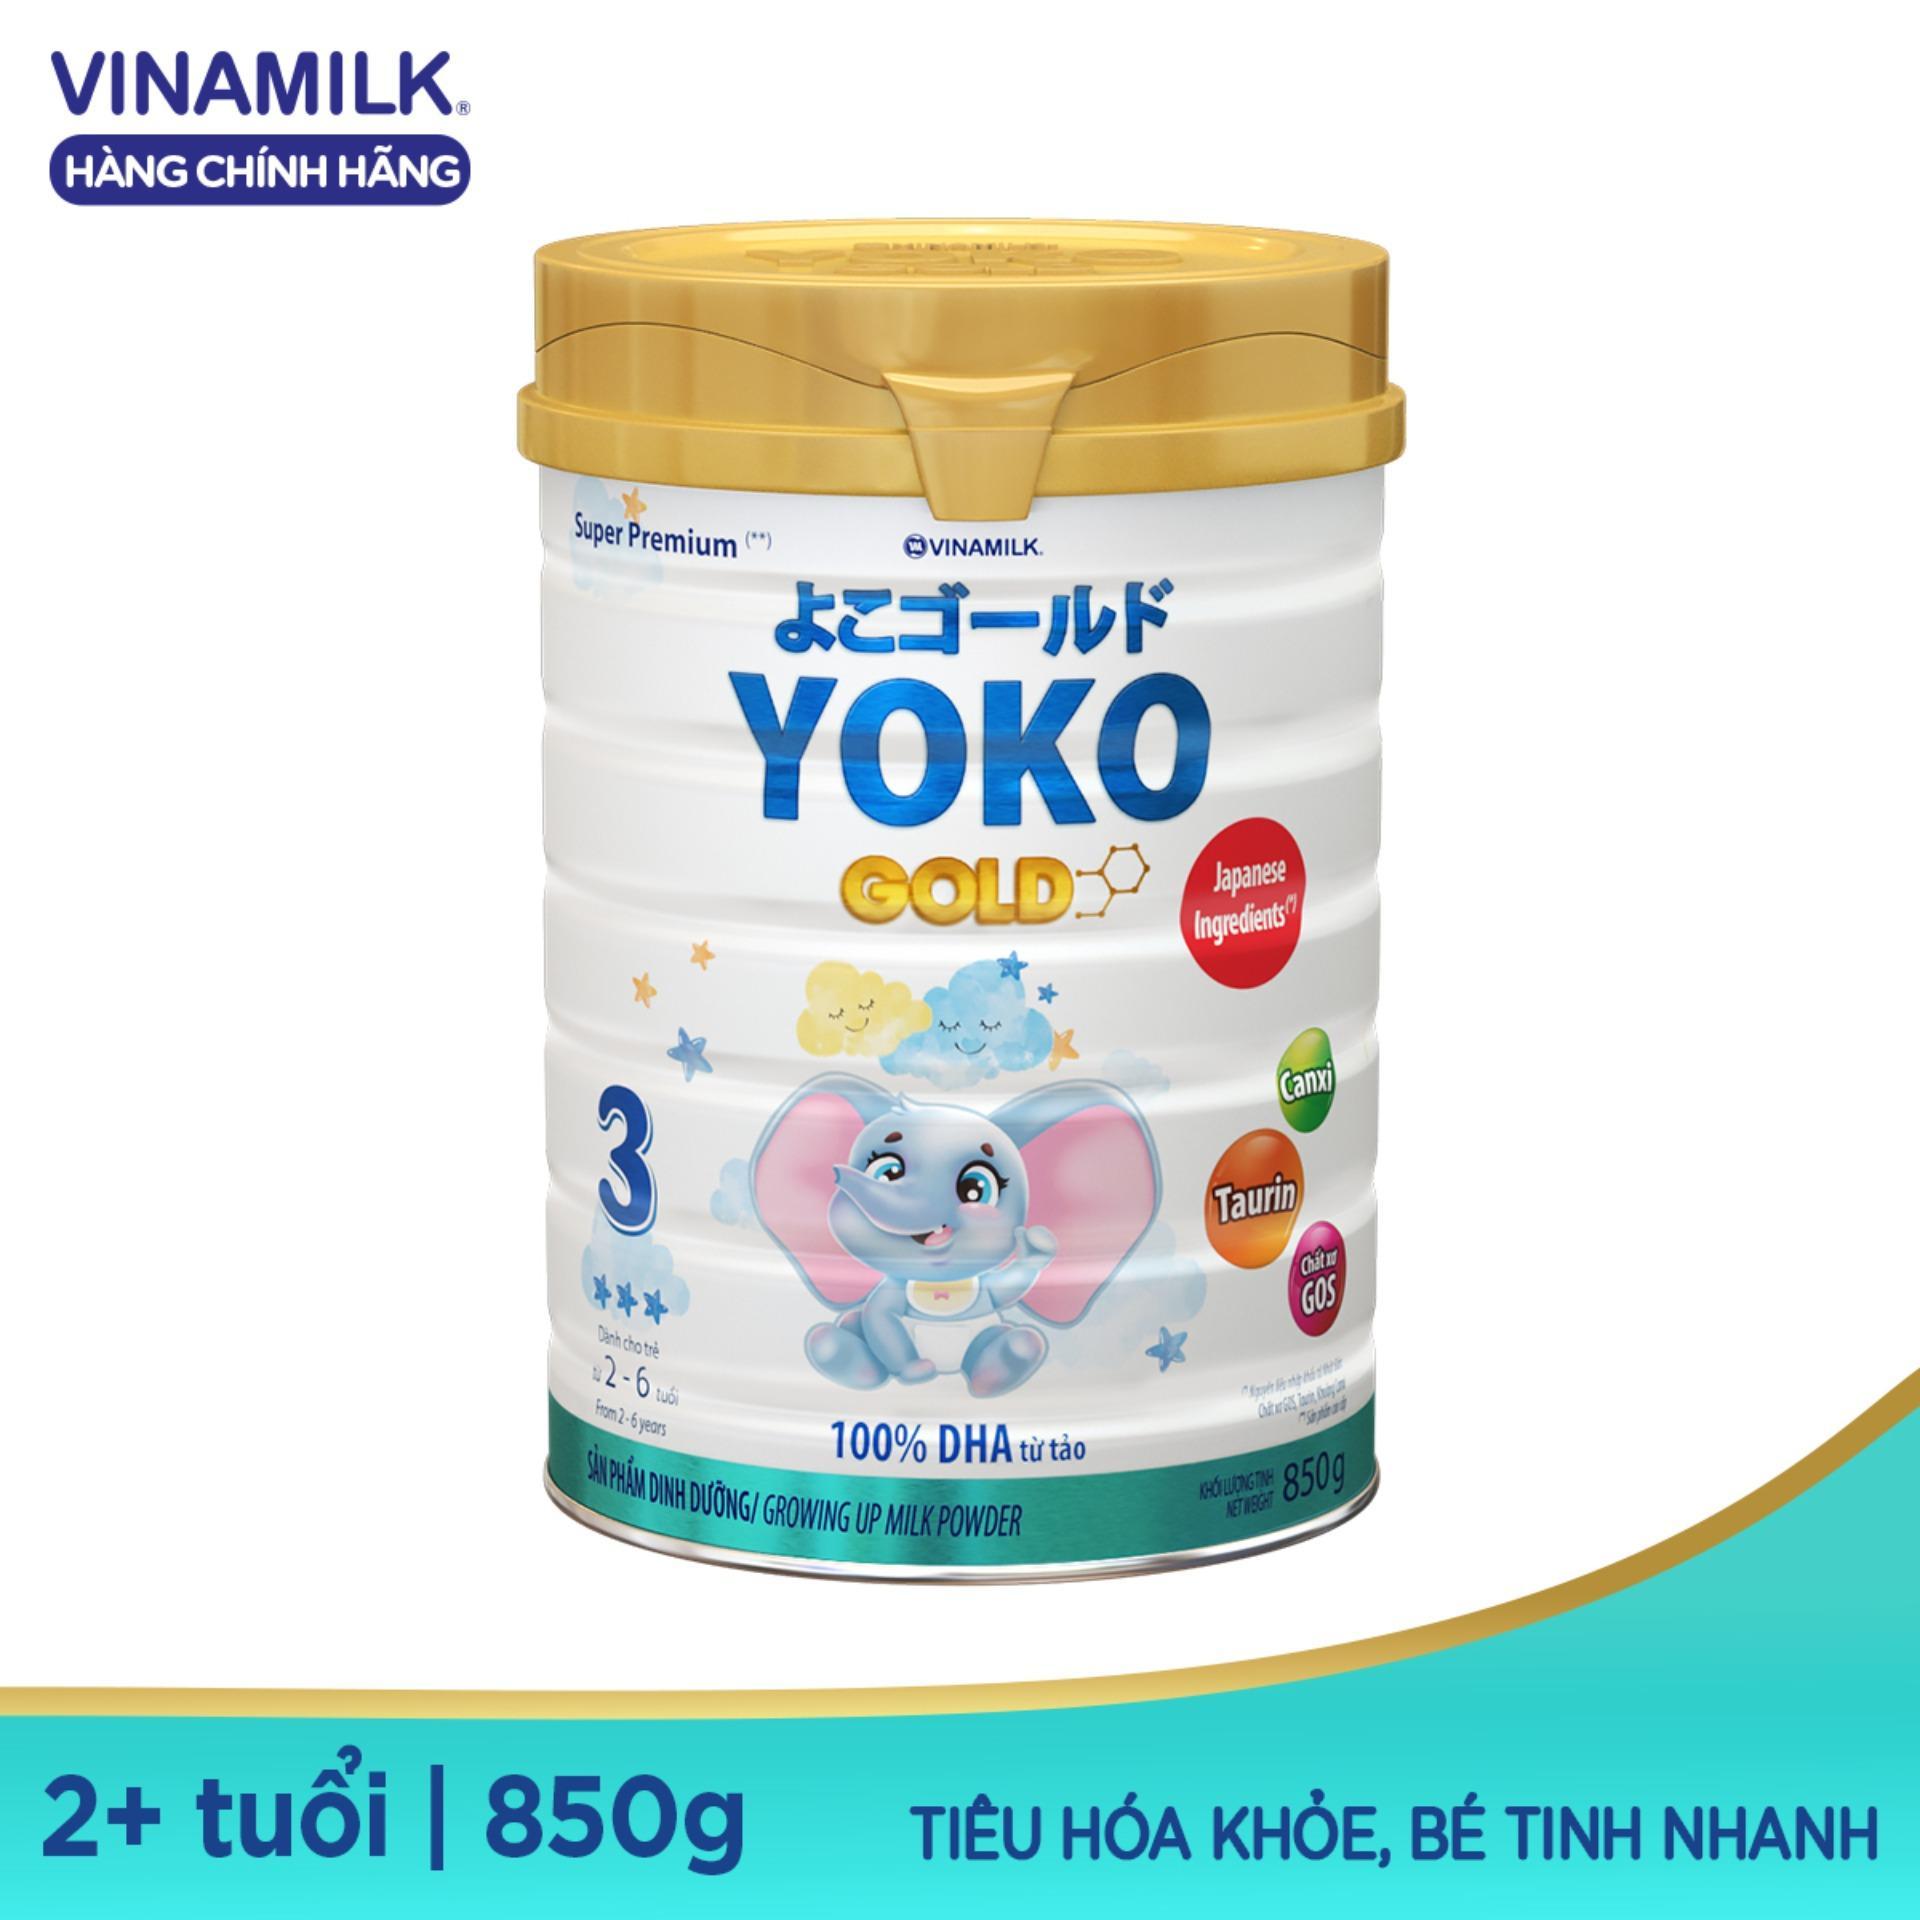 Sữa Vinamilk Yoko Gold 3 850g